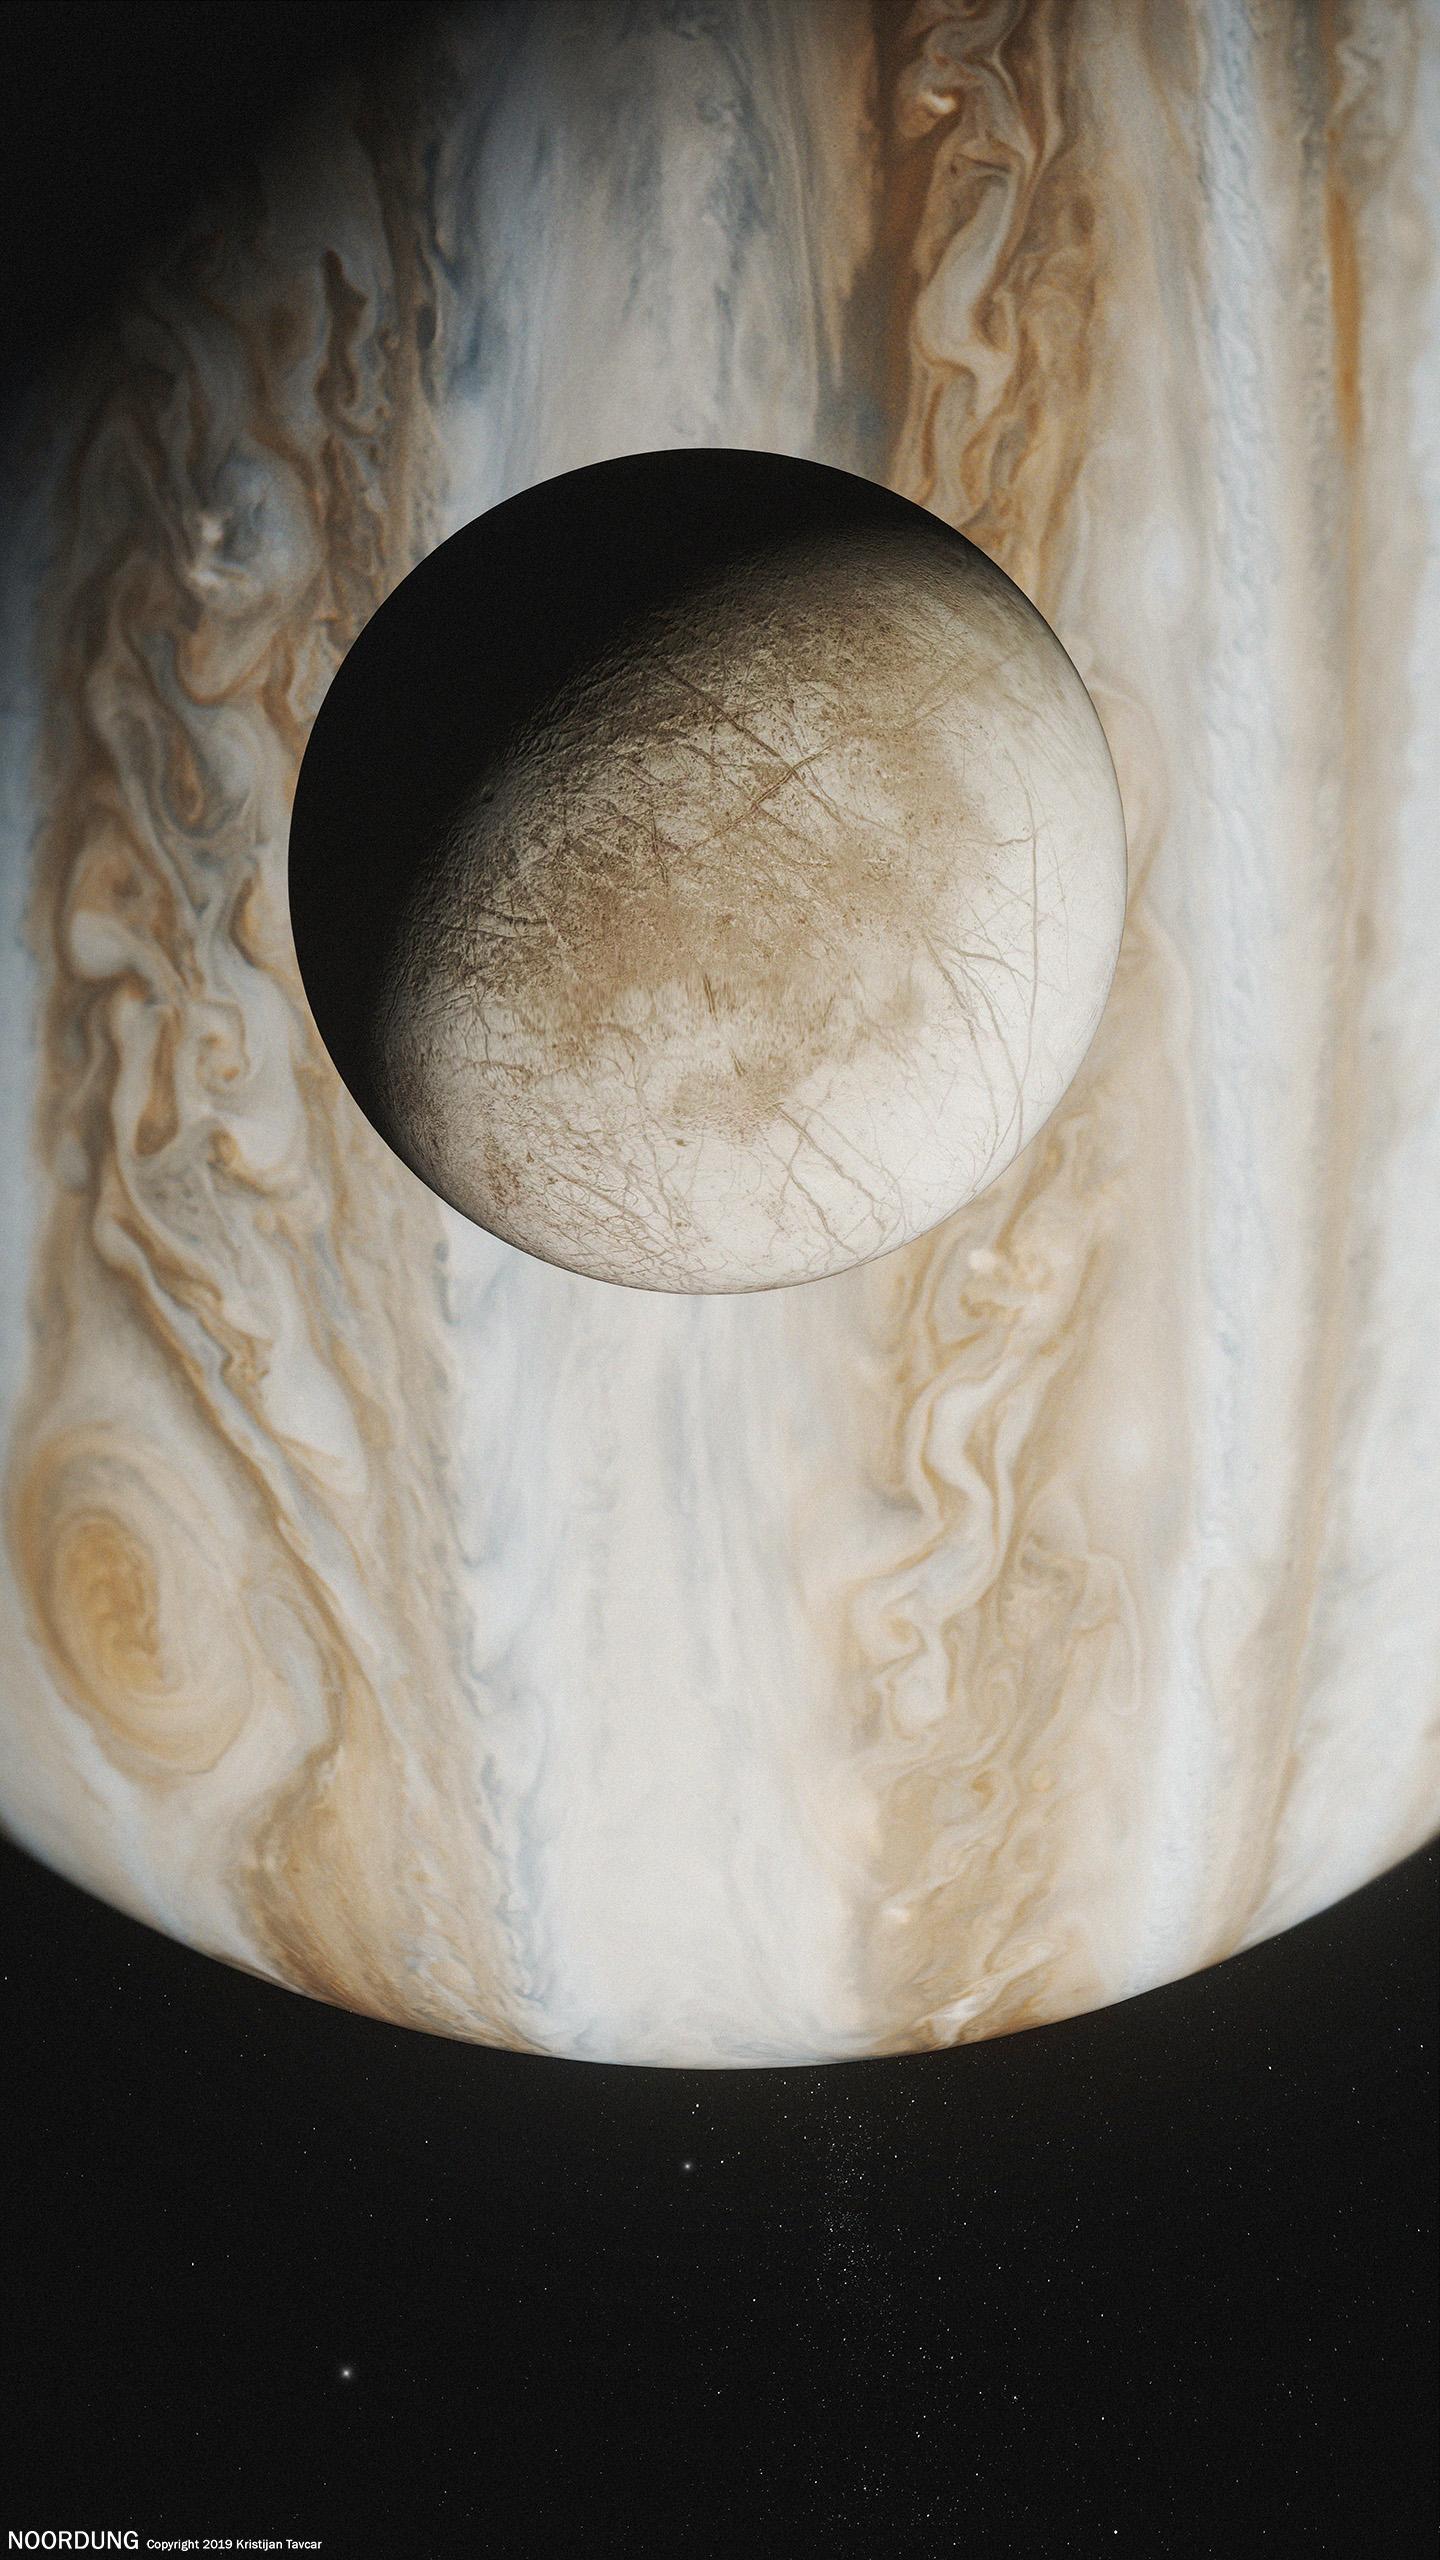 Noordung_Jupiter_003_by Kristijan Tavcar.jpg